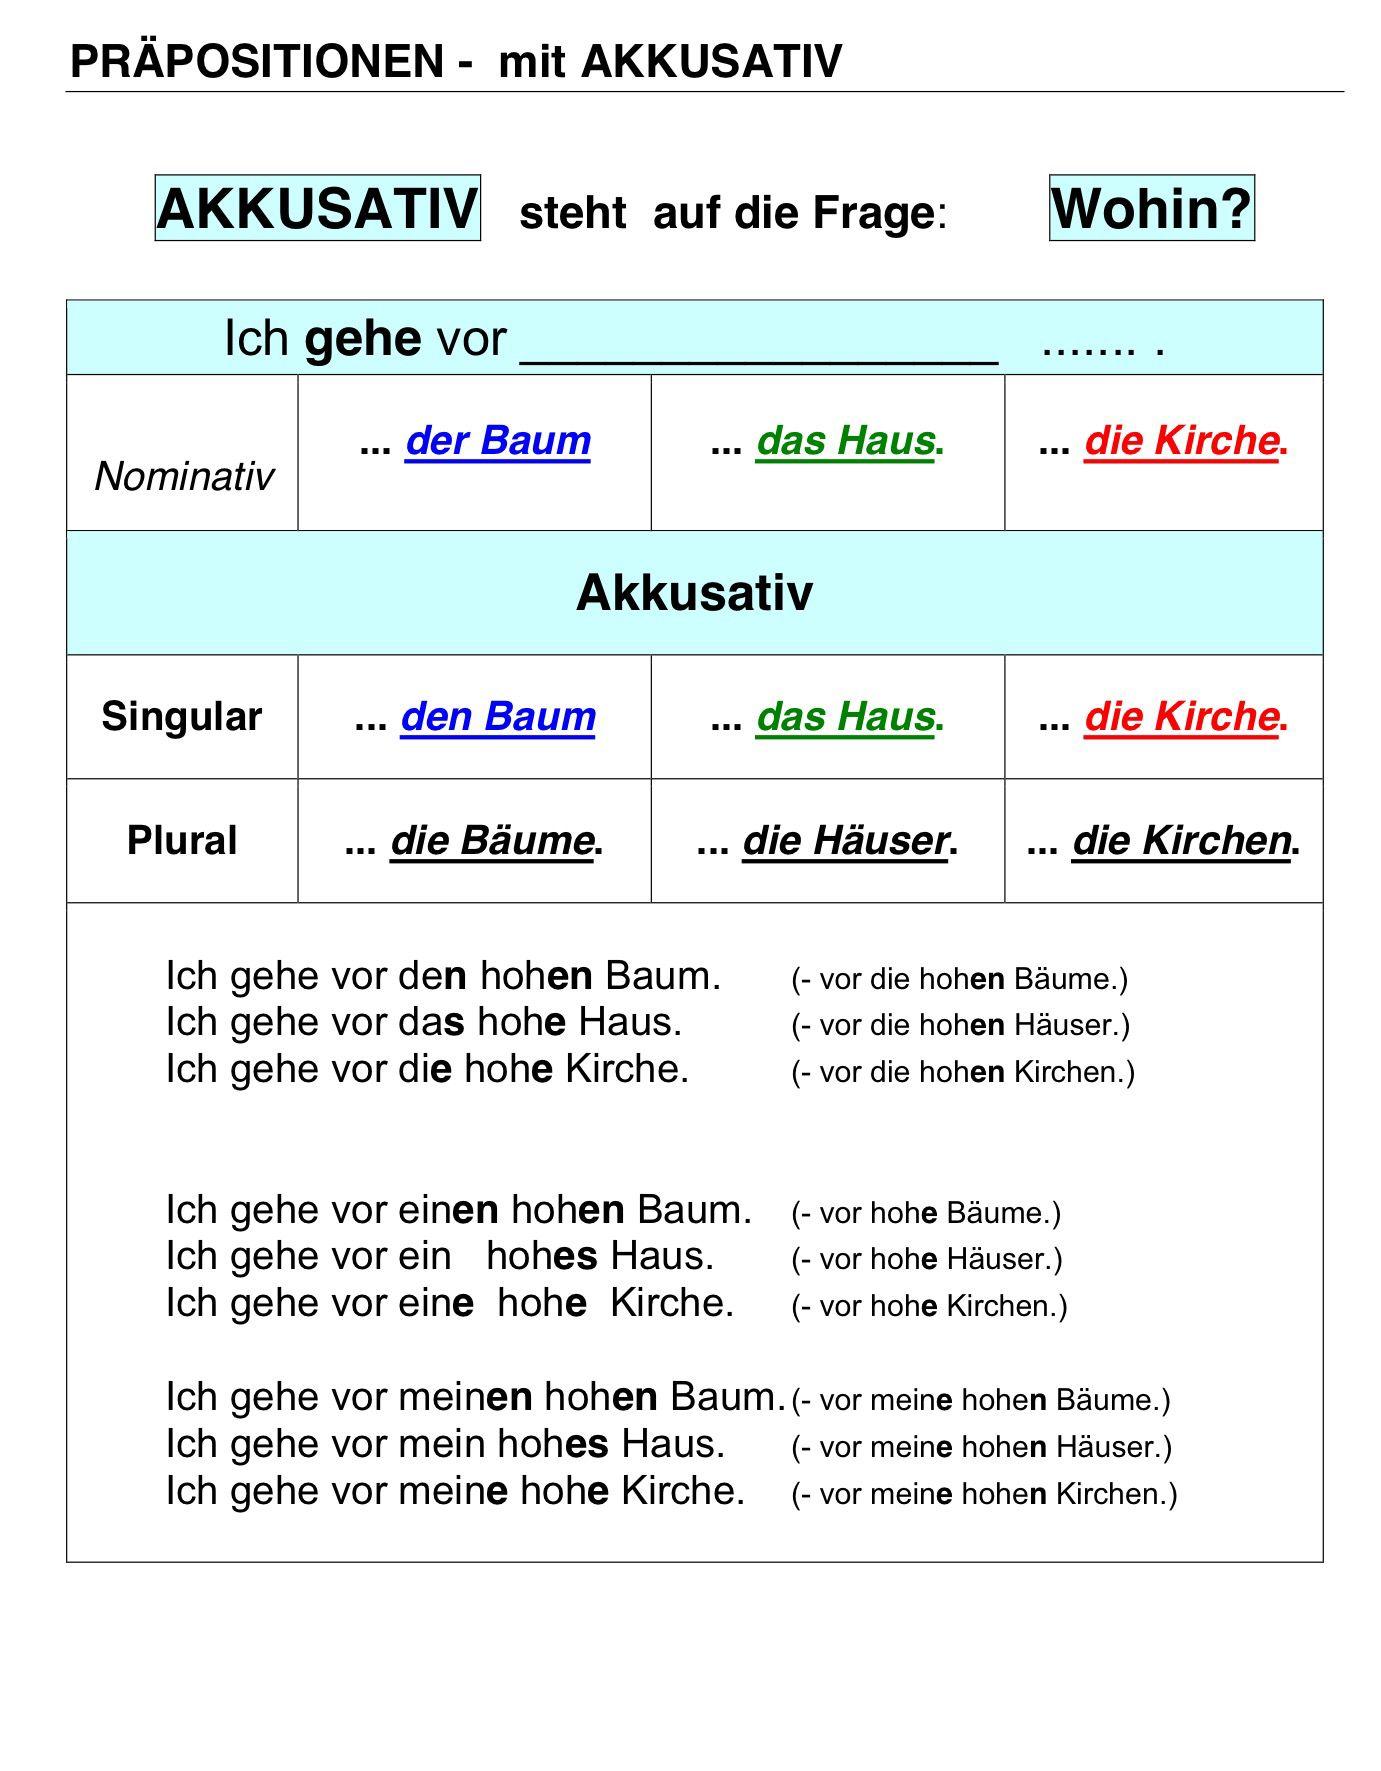 Pr positionen mit akkusativ f r deutsch lernen for Prapositionen mit akkusativ